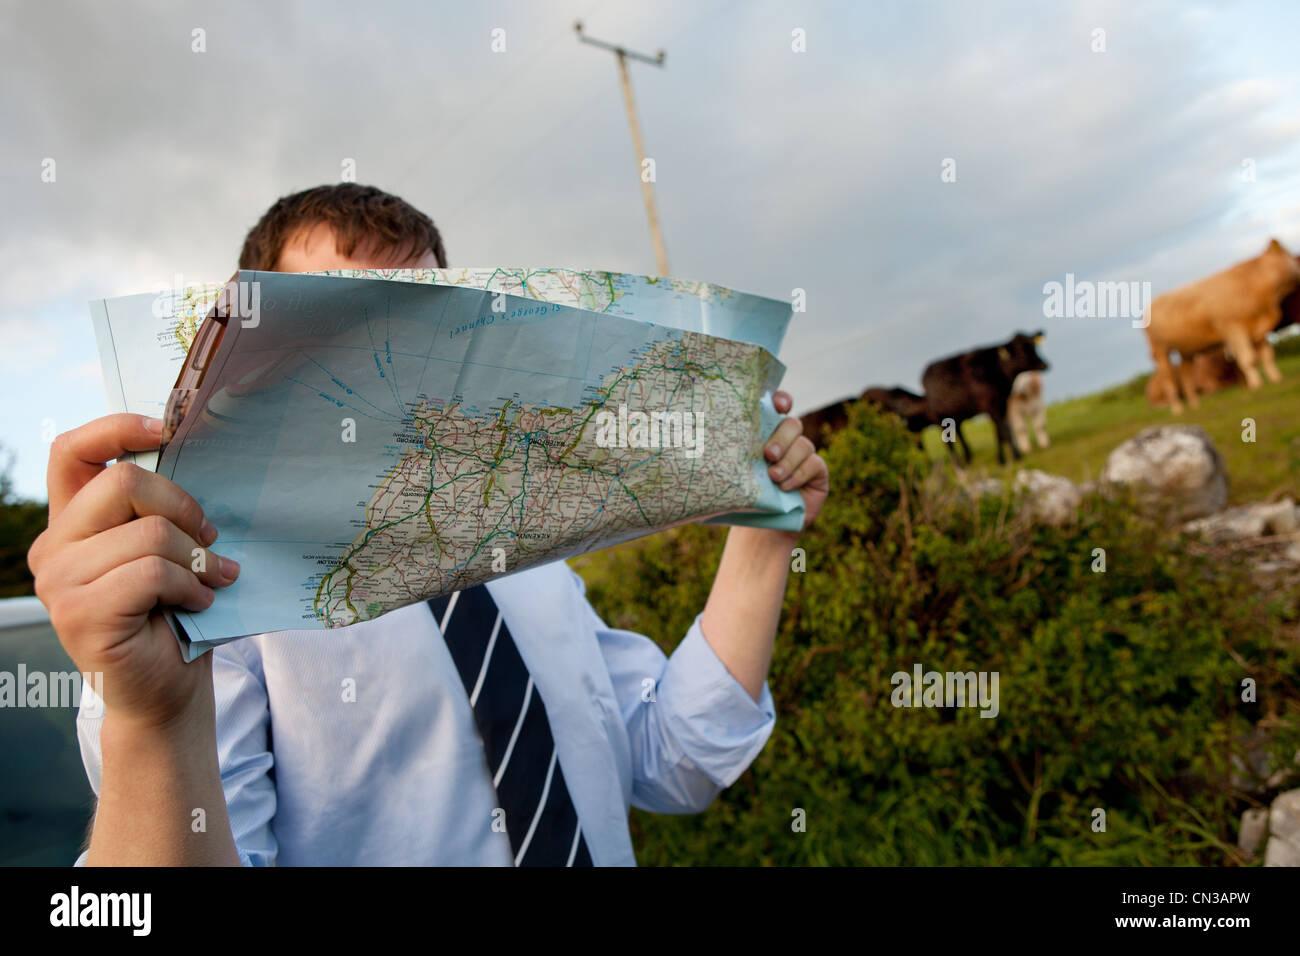 Imprenditore mappa di lettura in campagna Immagini Stock